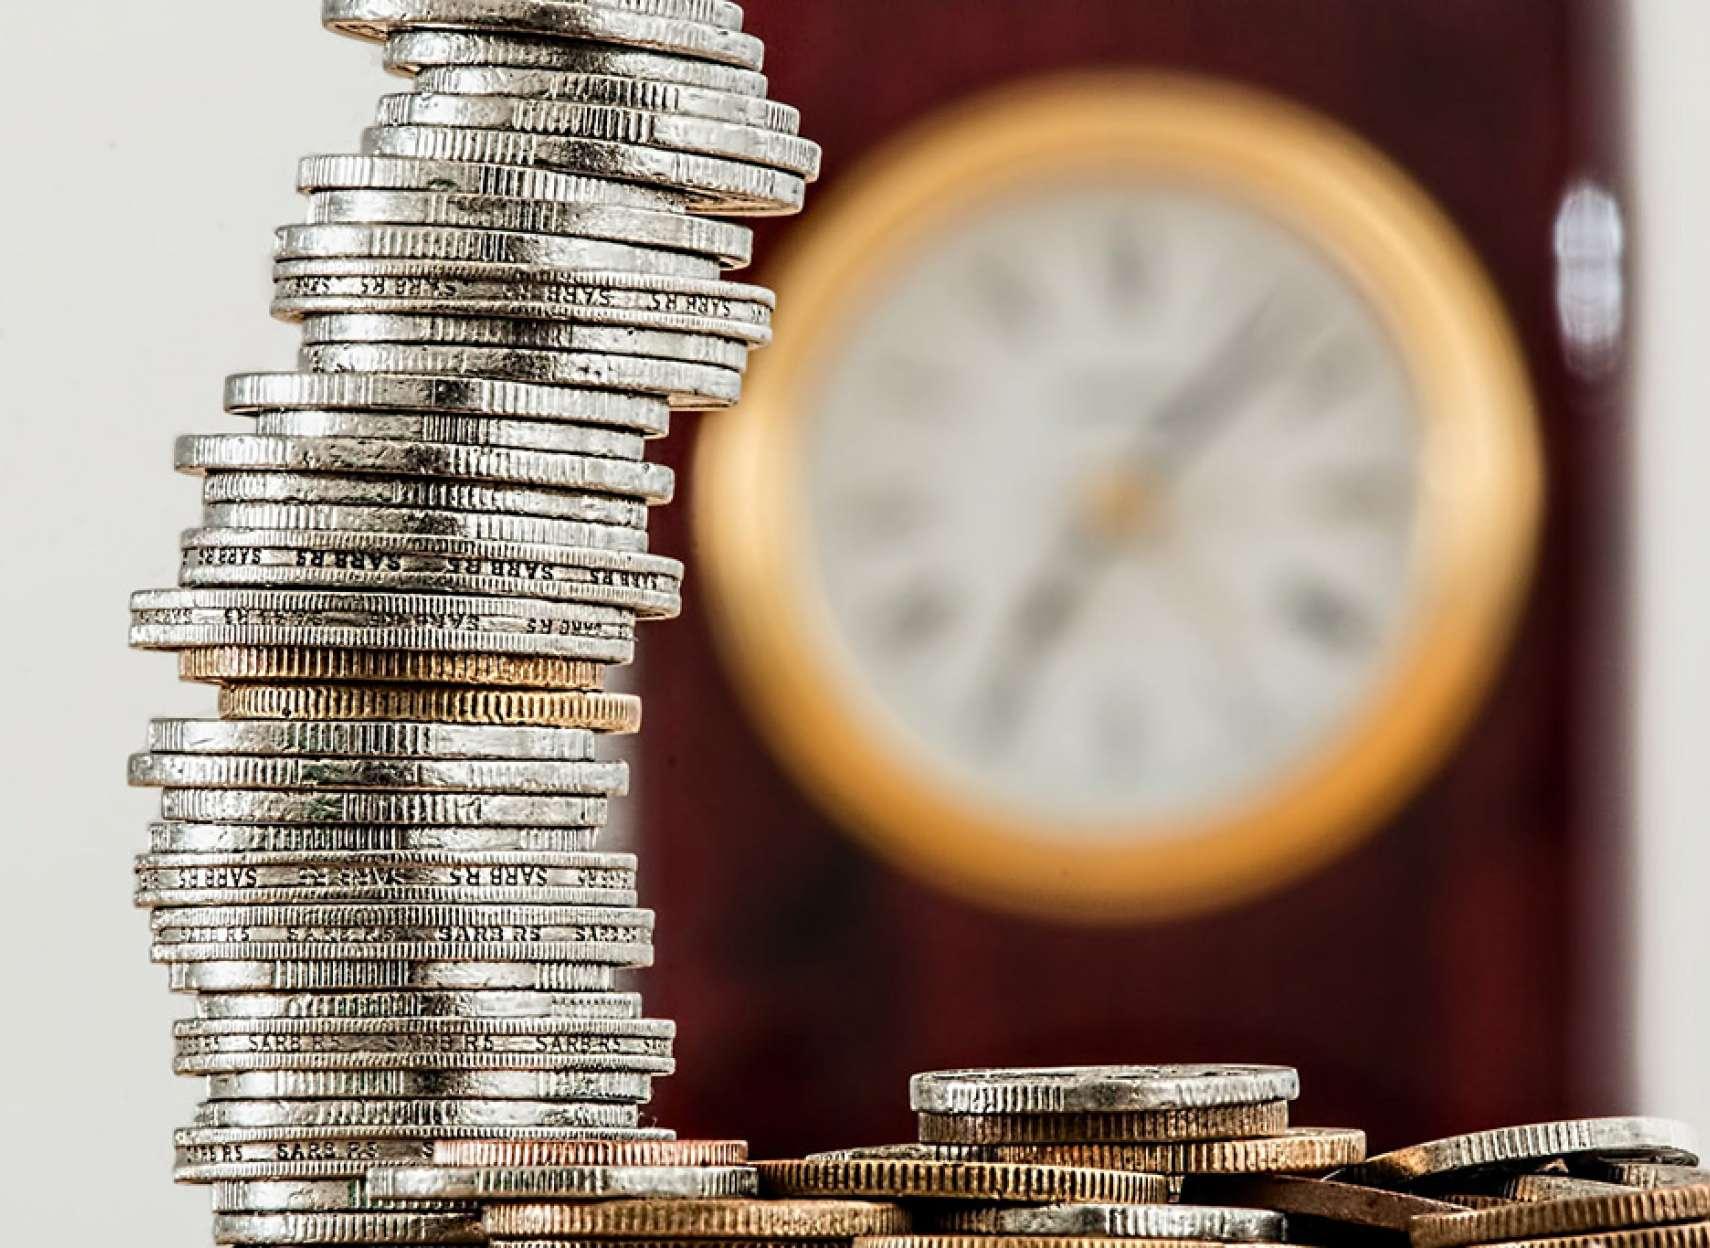 بیمه-رحیمیان-سرمایهگذاری-بدون-پرداخت-مالیات